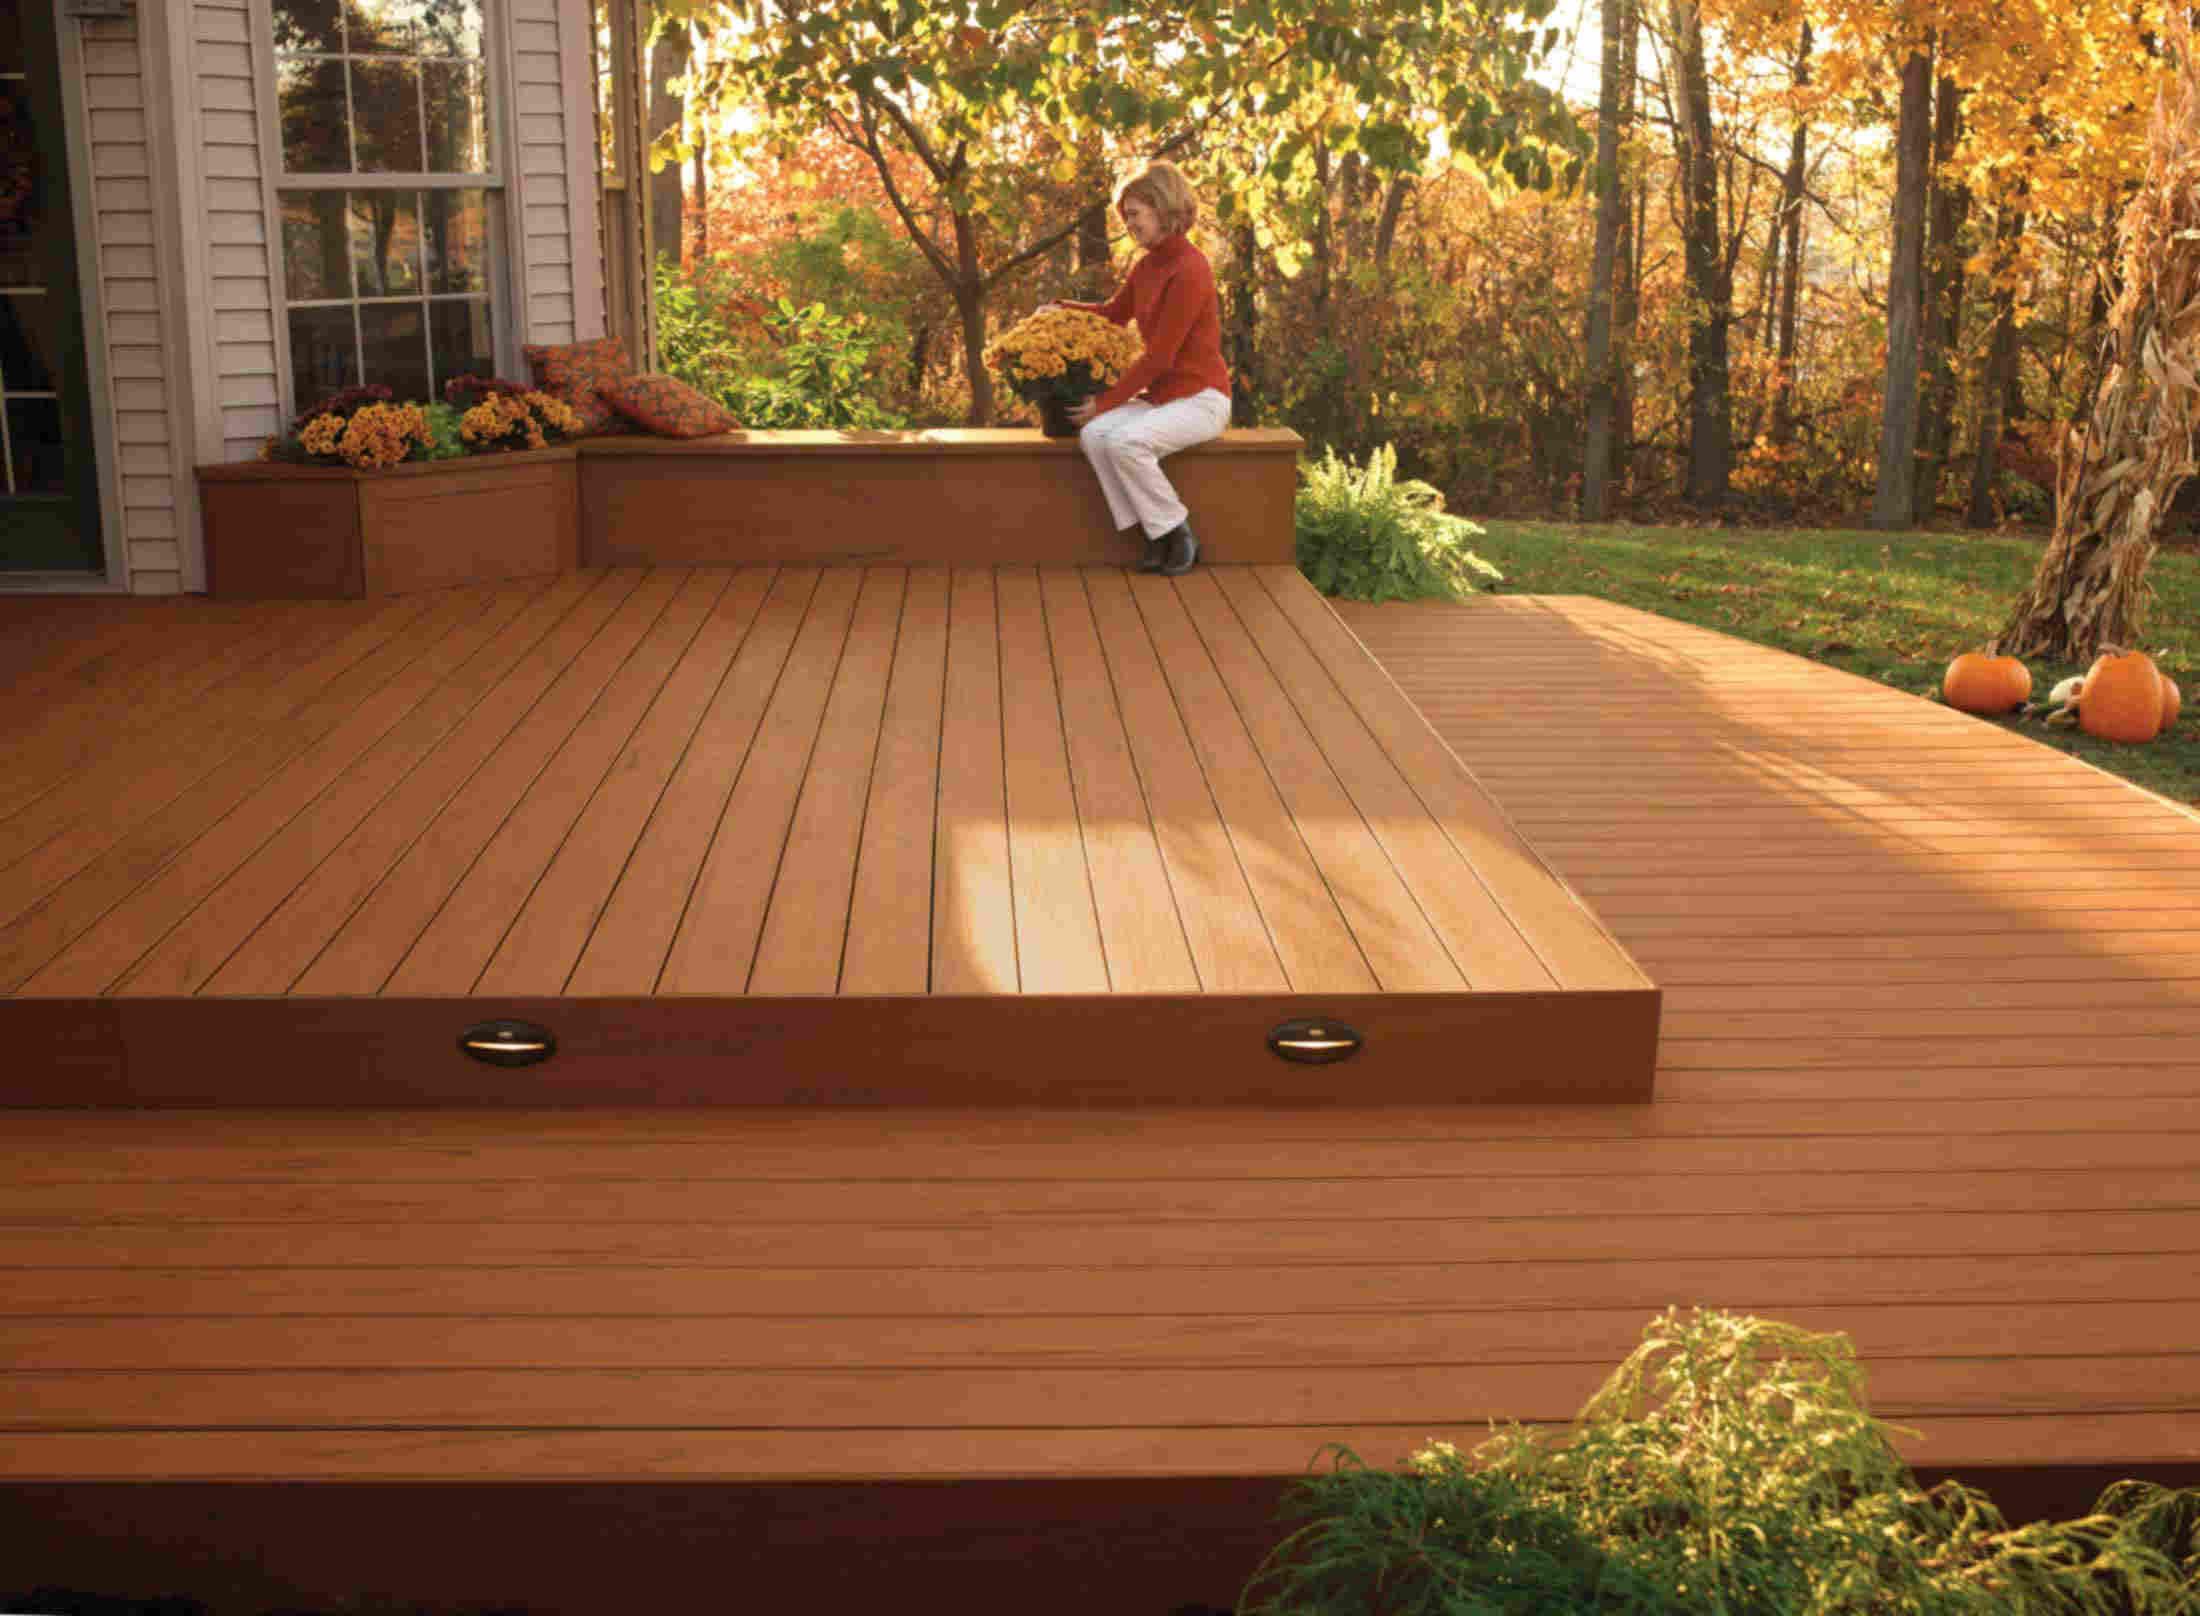 Pavimentos, suelo de madera